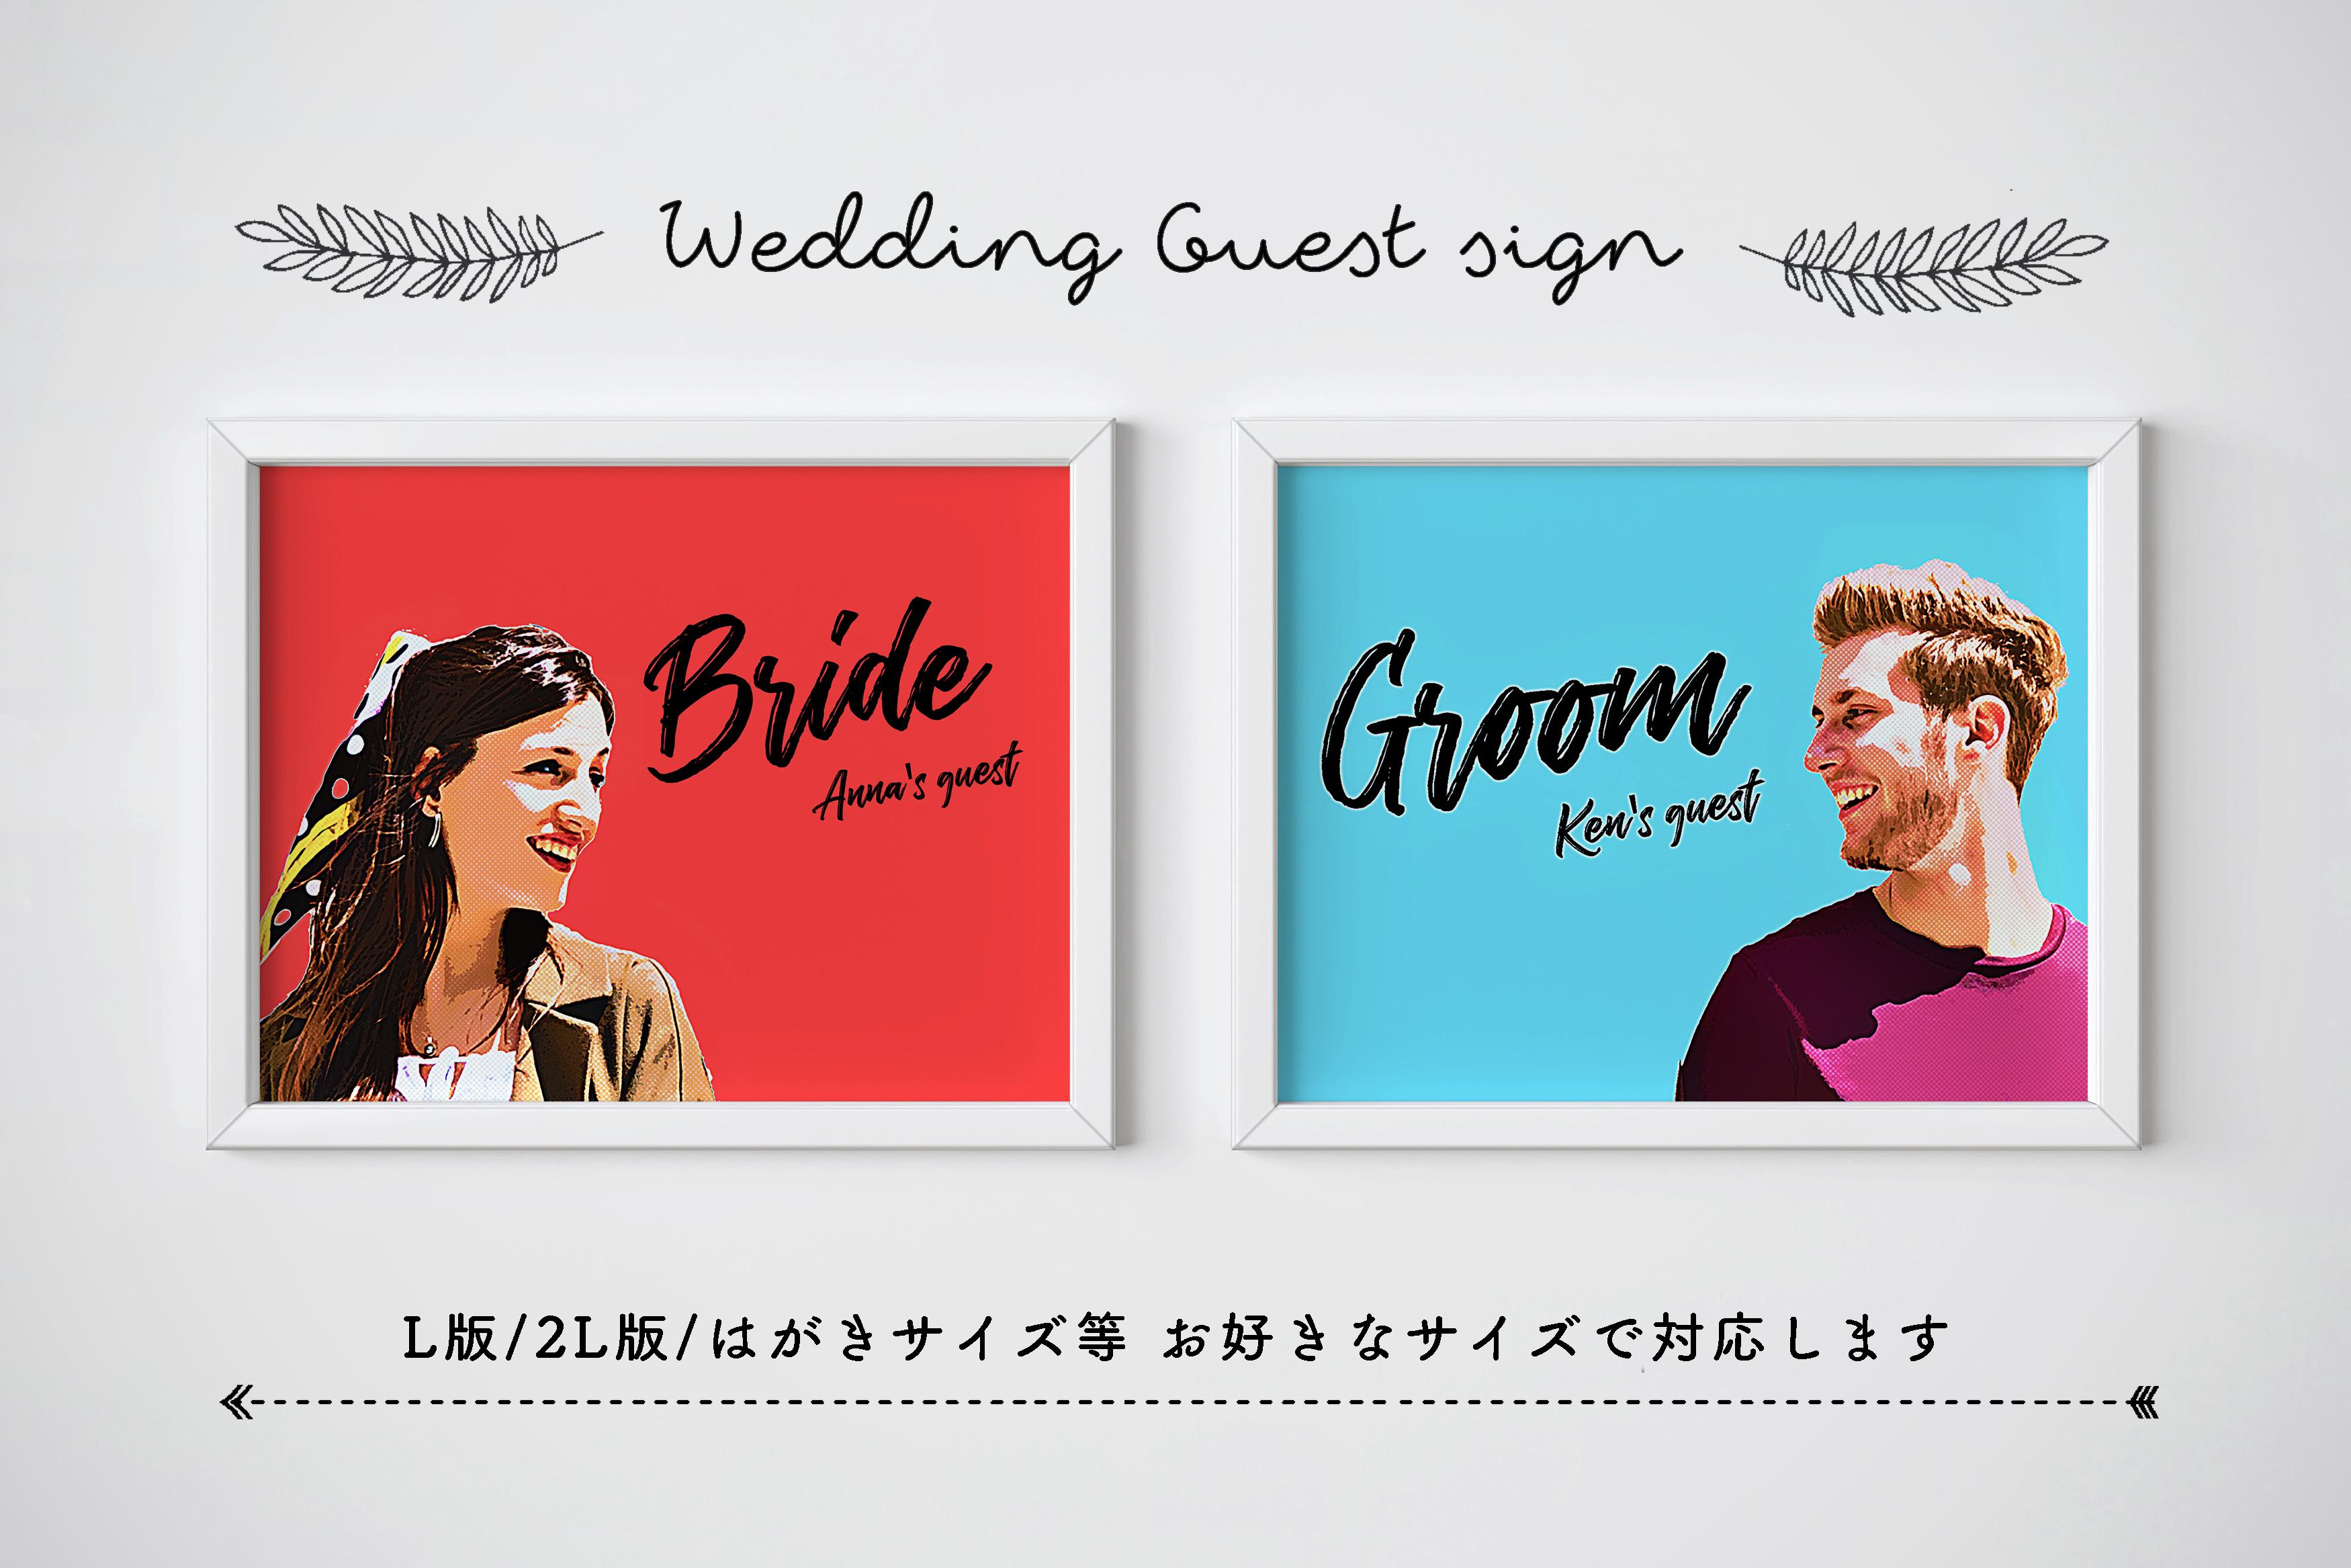 【送料無料】お二人のお写真で作るポップアート受付サイン│Bride&Groomサイン ゲストサイン